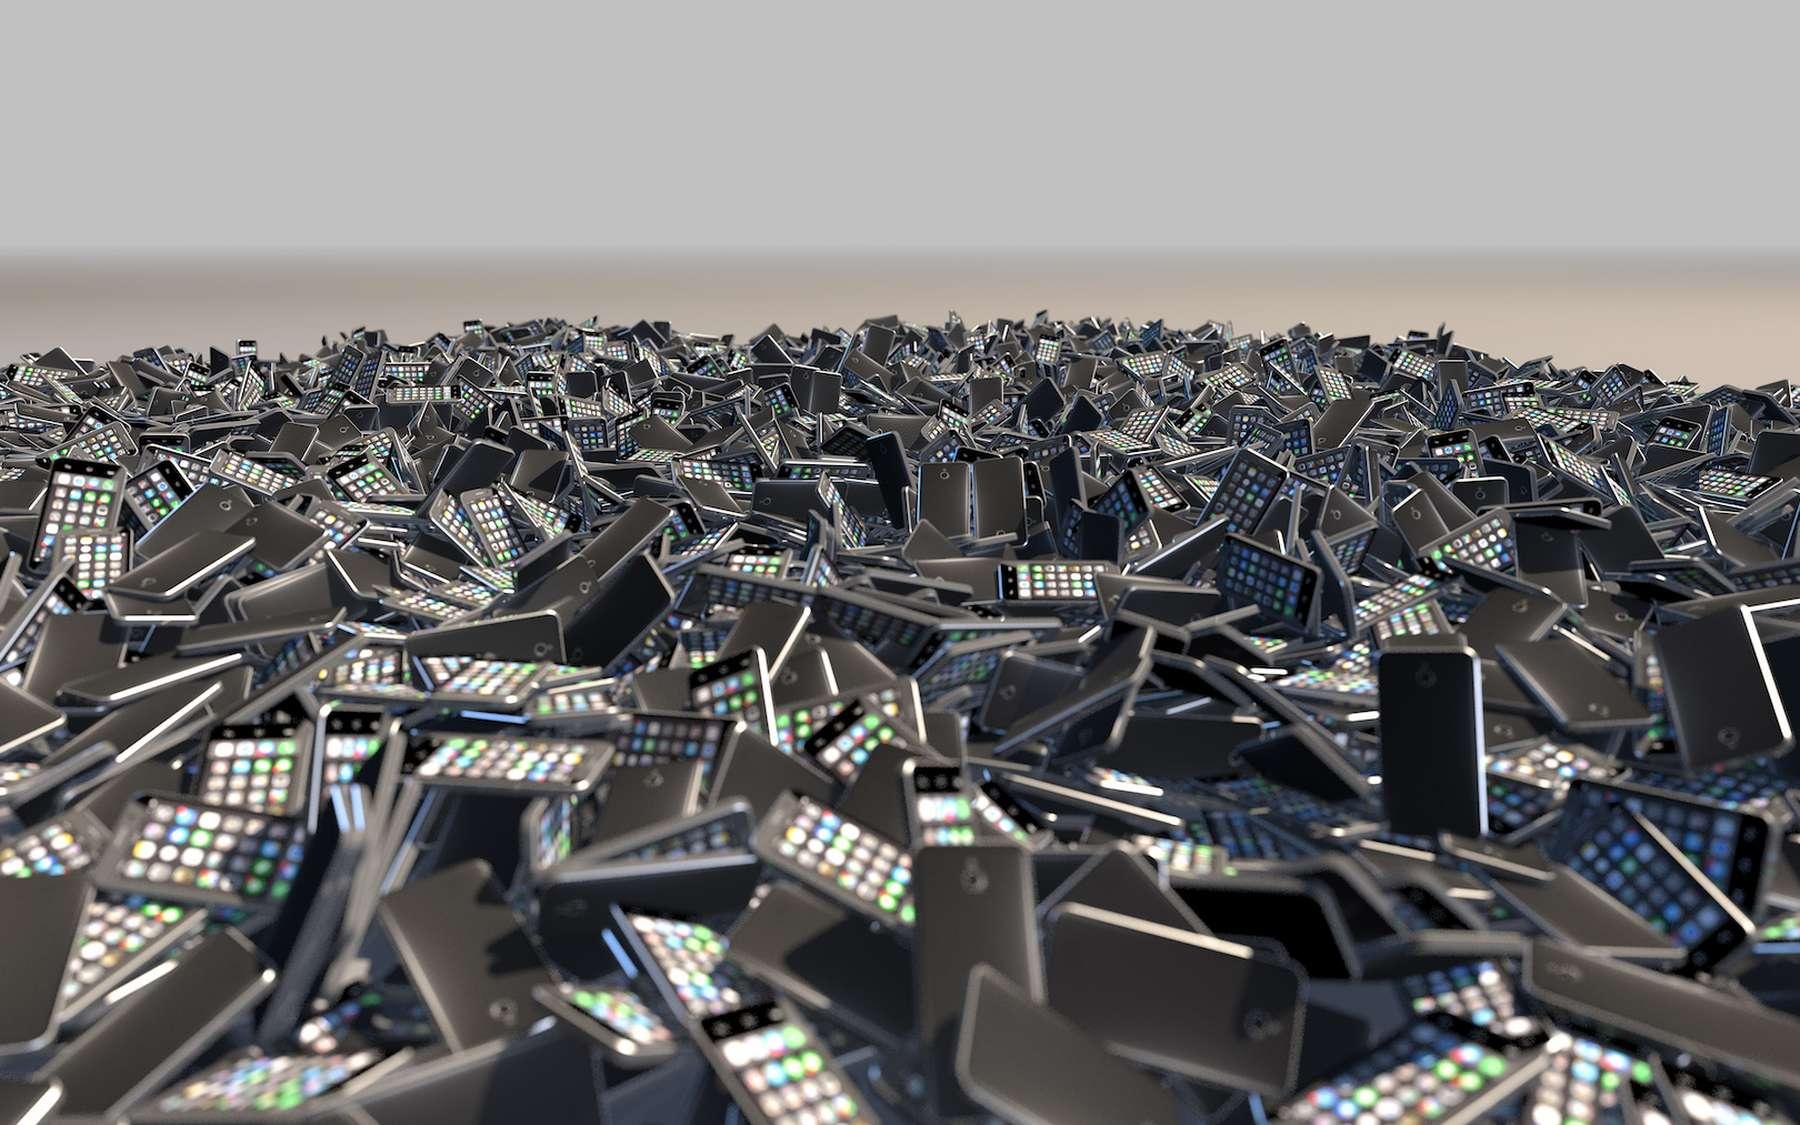 La pollution numérique, un fléau pour la planète. © Gandini, Adobe Stock